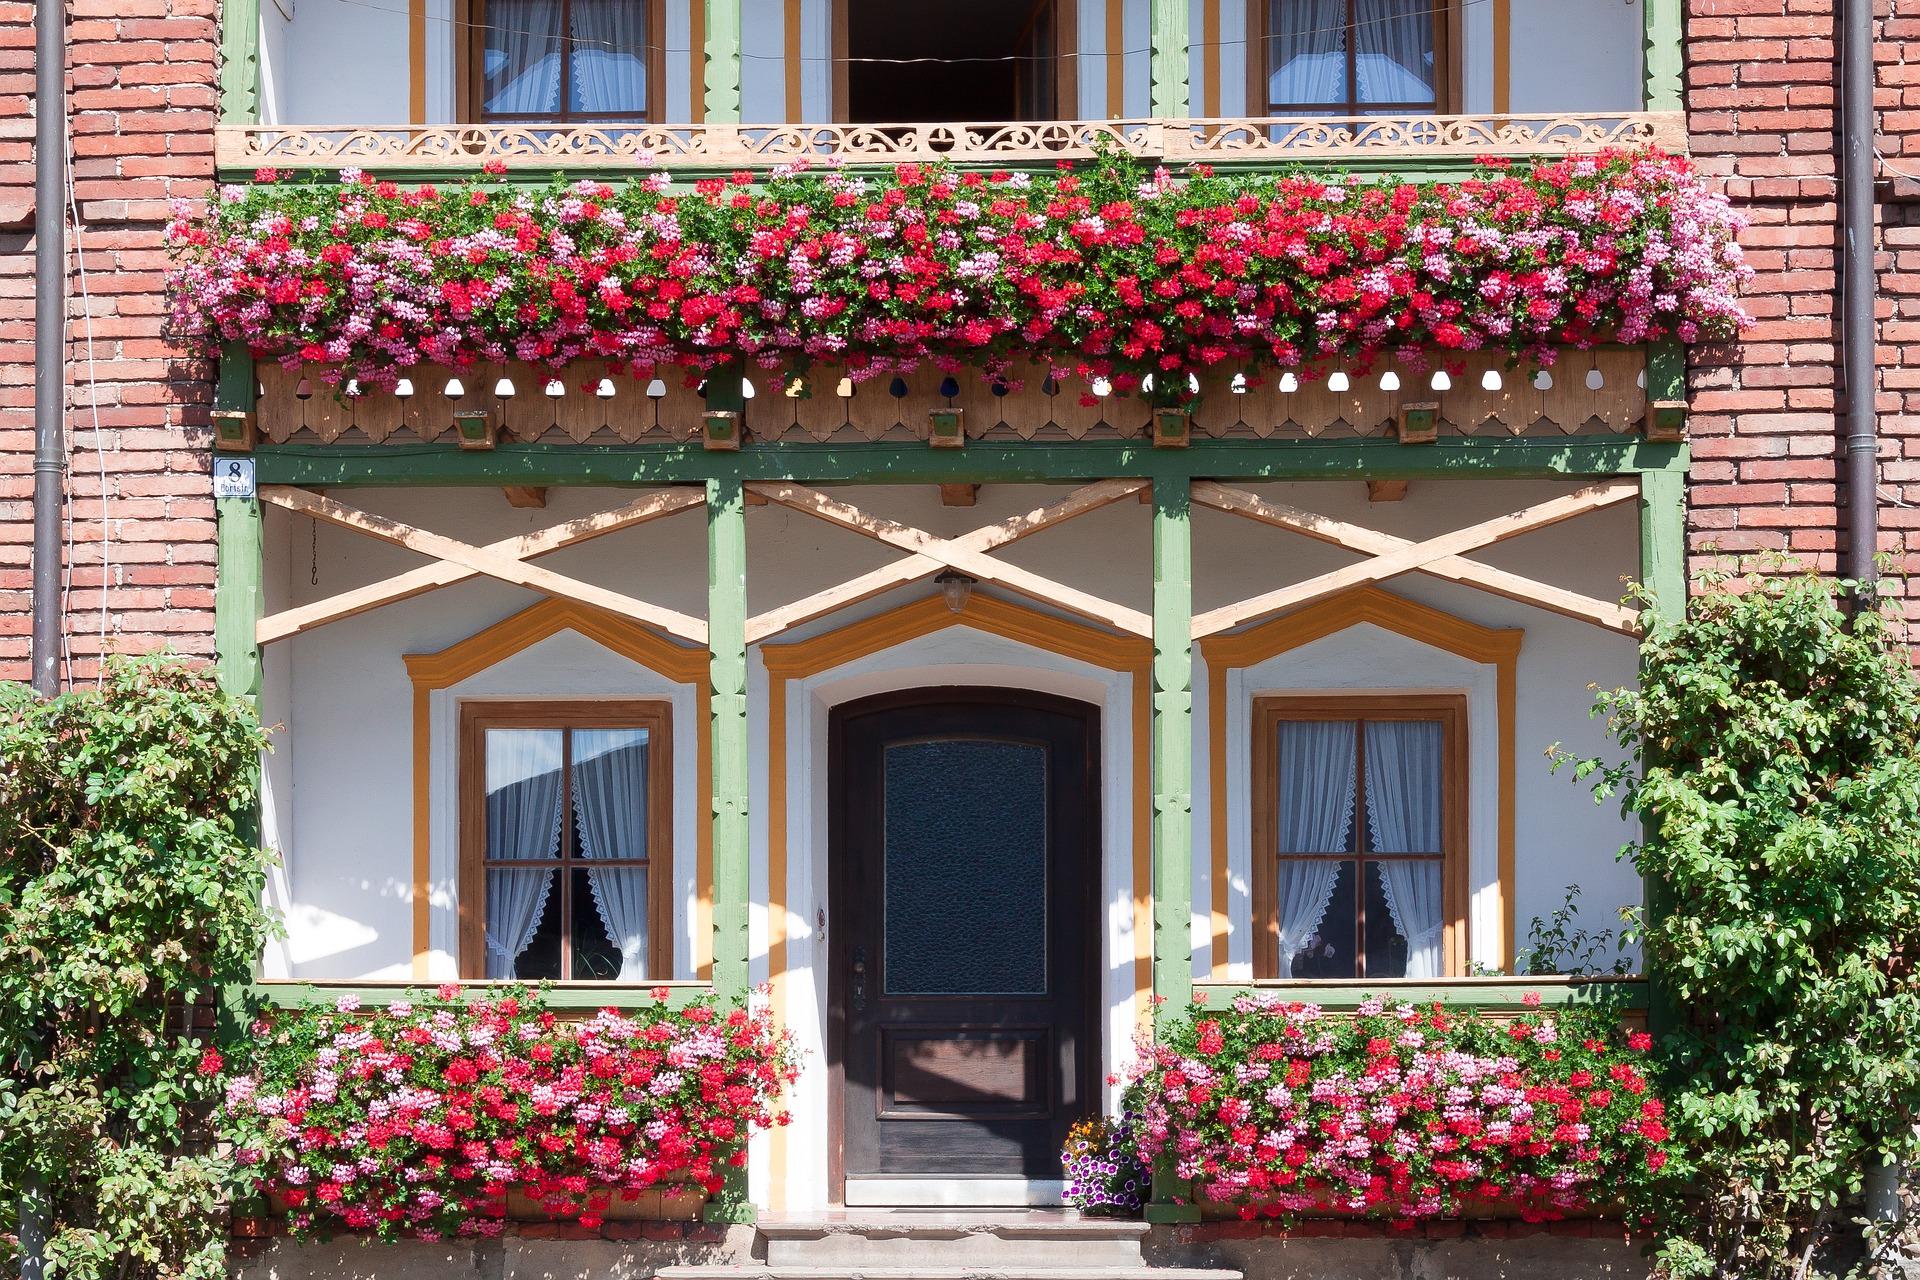 Balcone fiorito a costo zero video su raiuno autoproduciamo - Giardino in balcone ...